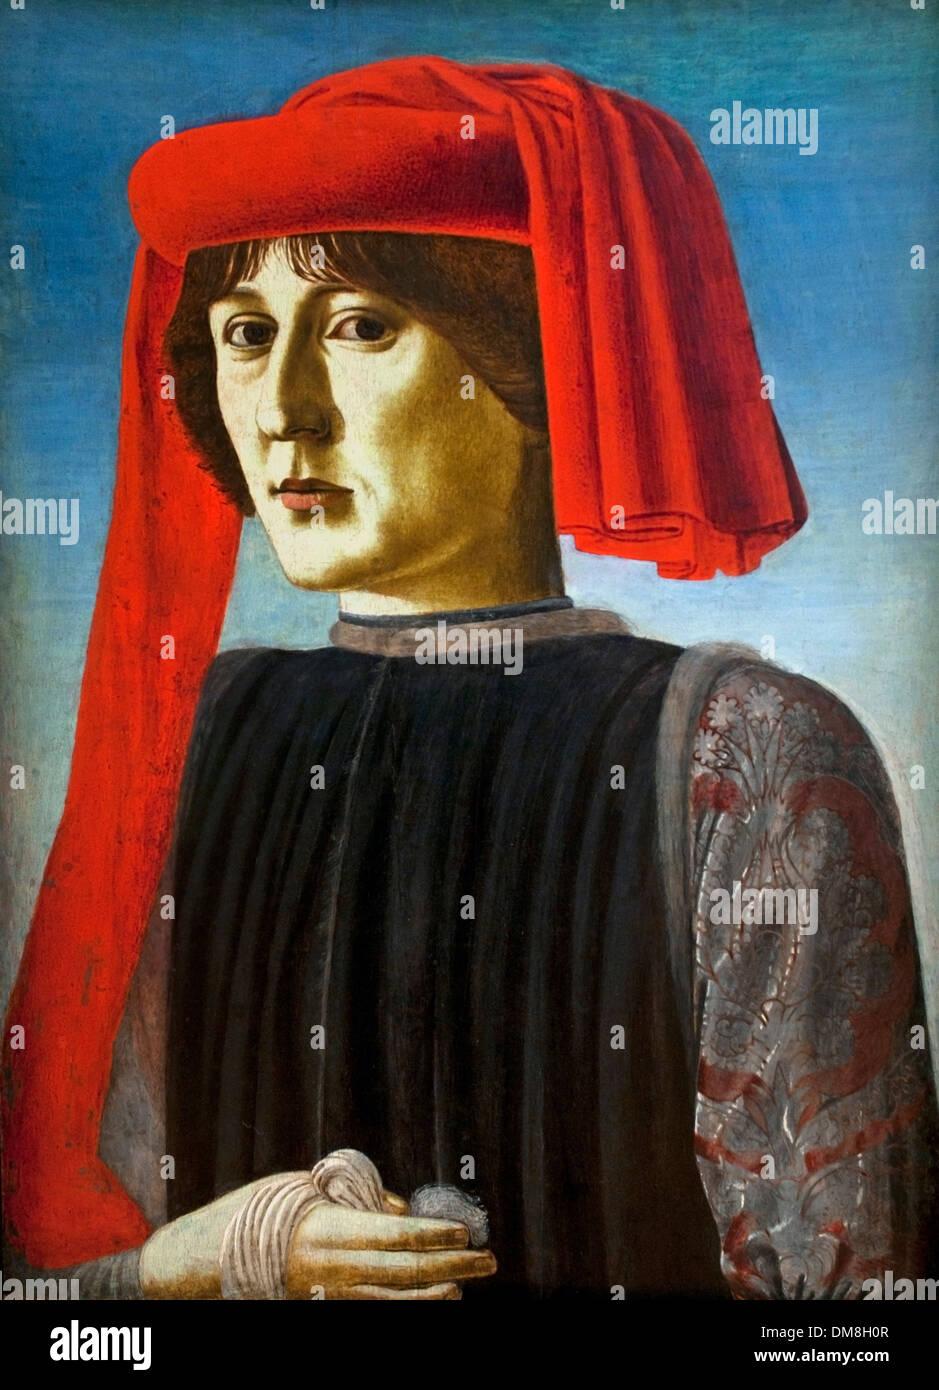 Young Man ( Ritratto di Giovane ) Florentine School 1450 - 1460 Italy Italian - Stock Image